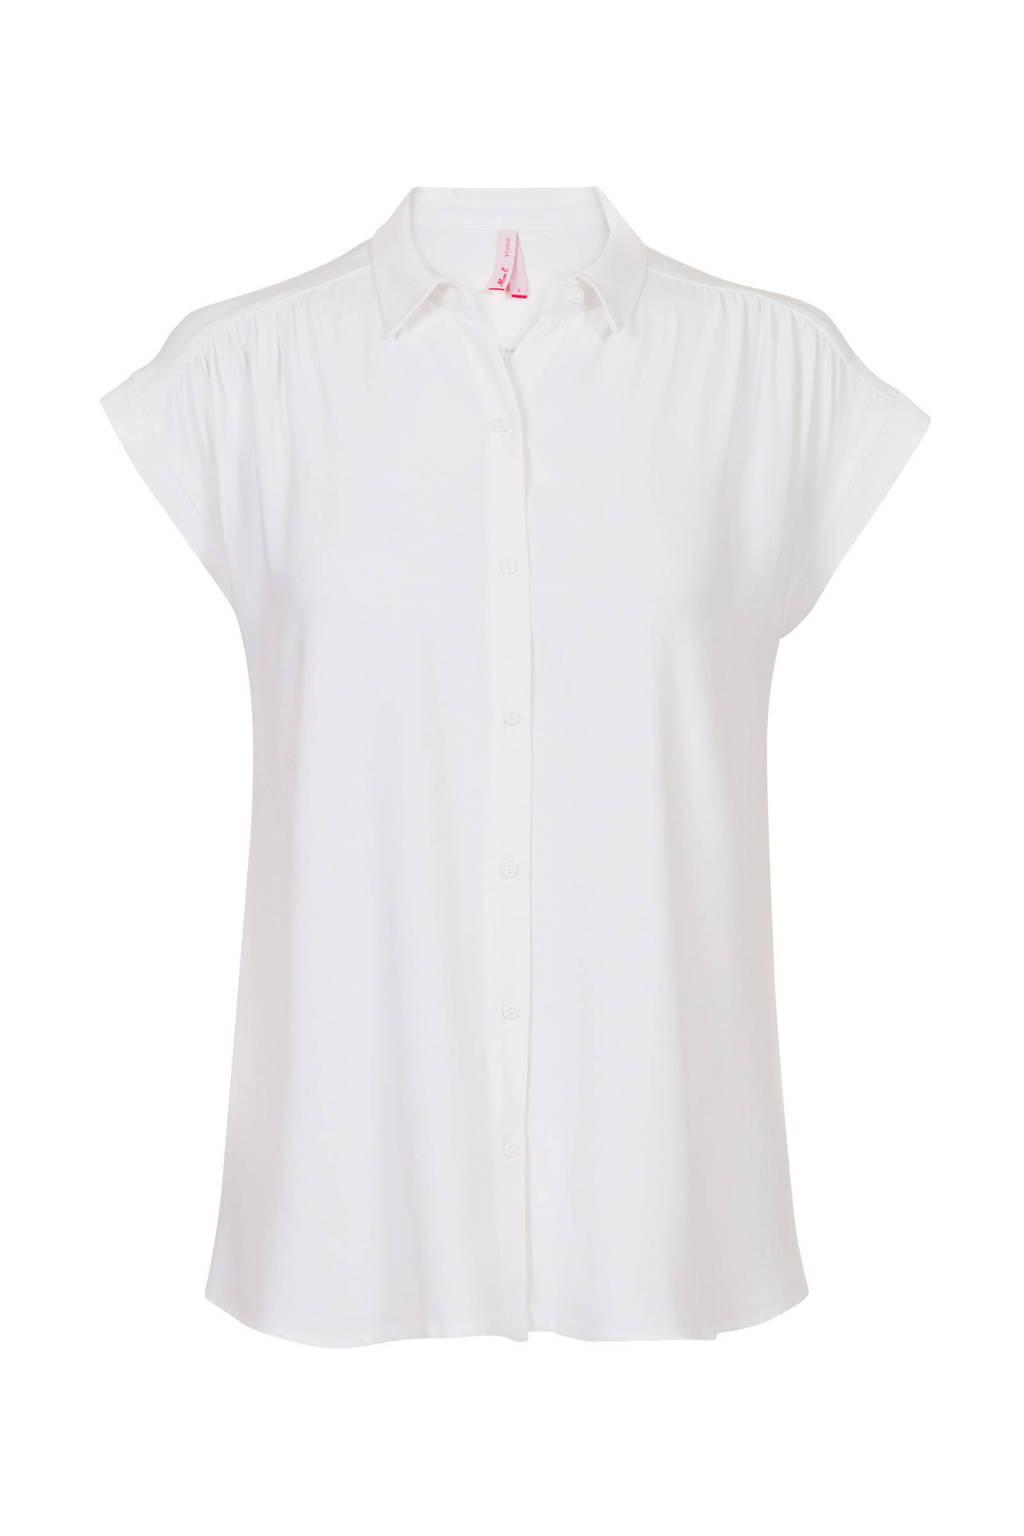 Miss Etam Regulier blouse wit, Wit